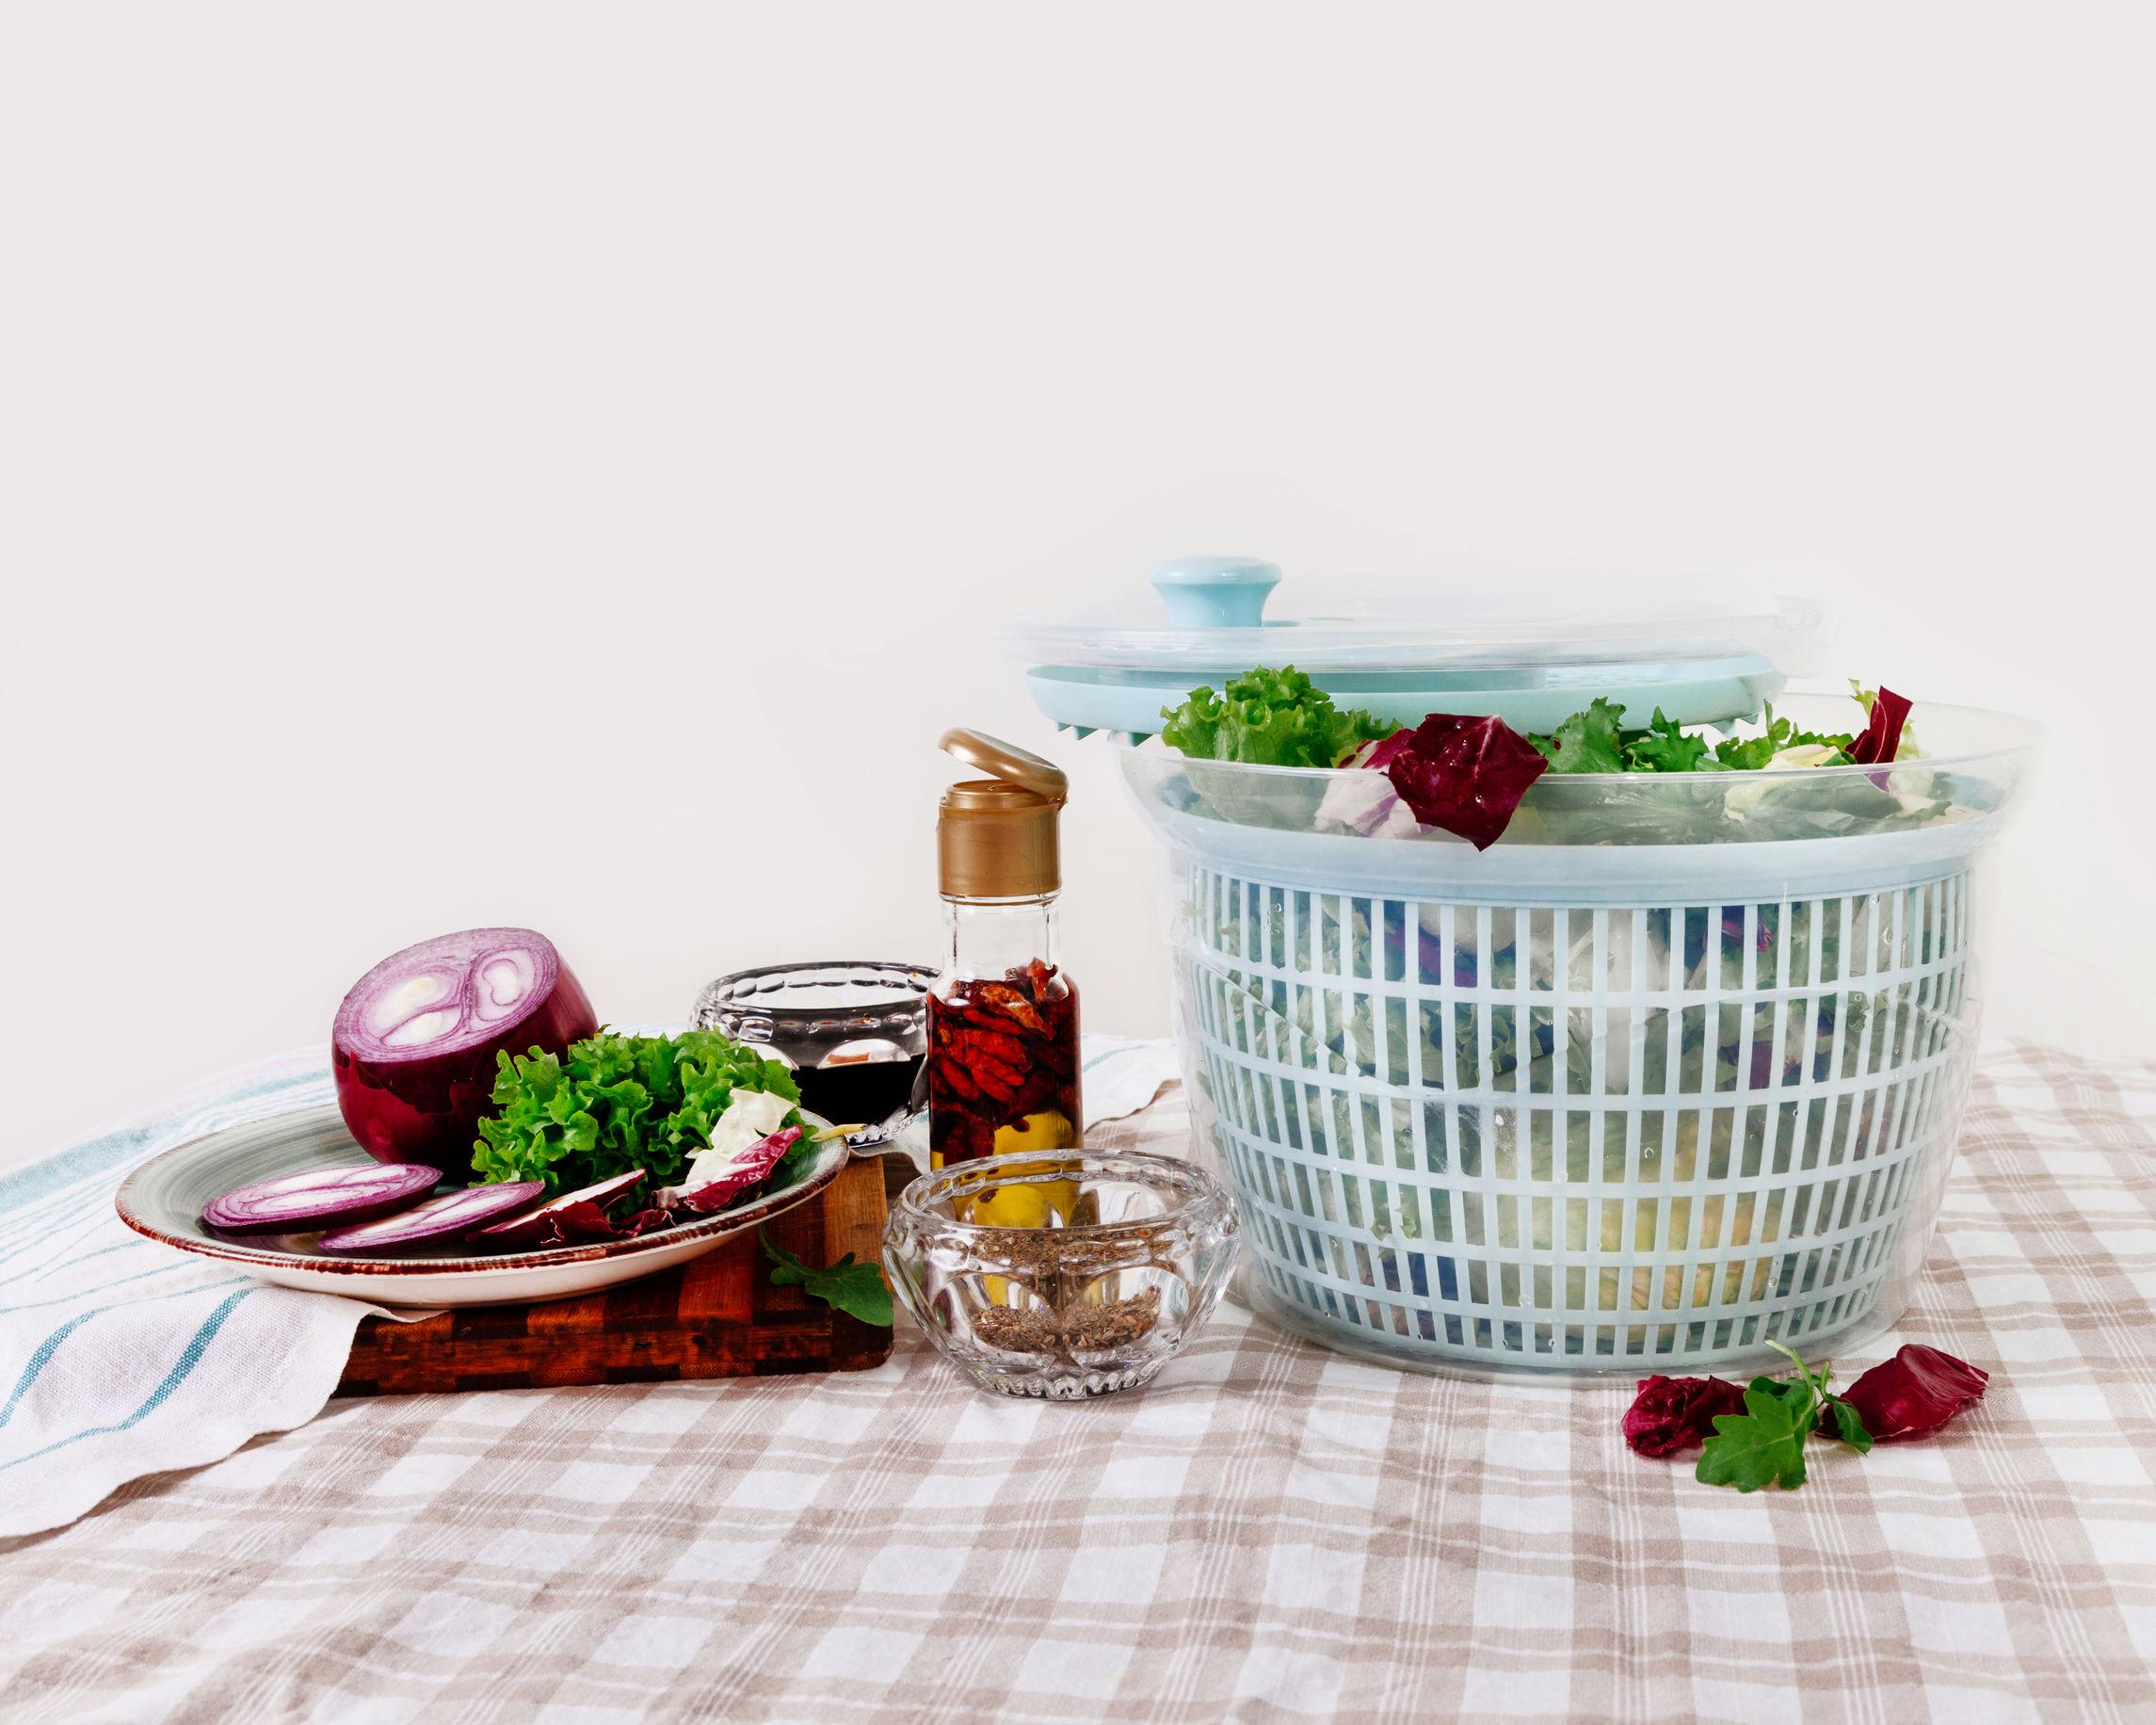 Na foto um secador de salada em uma mesa com legumes e temperos.